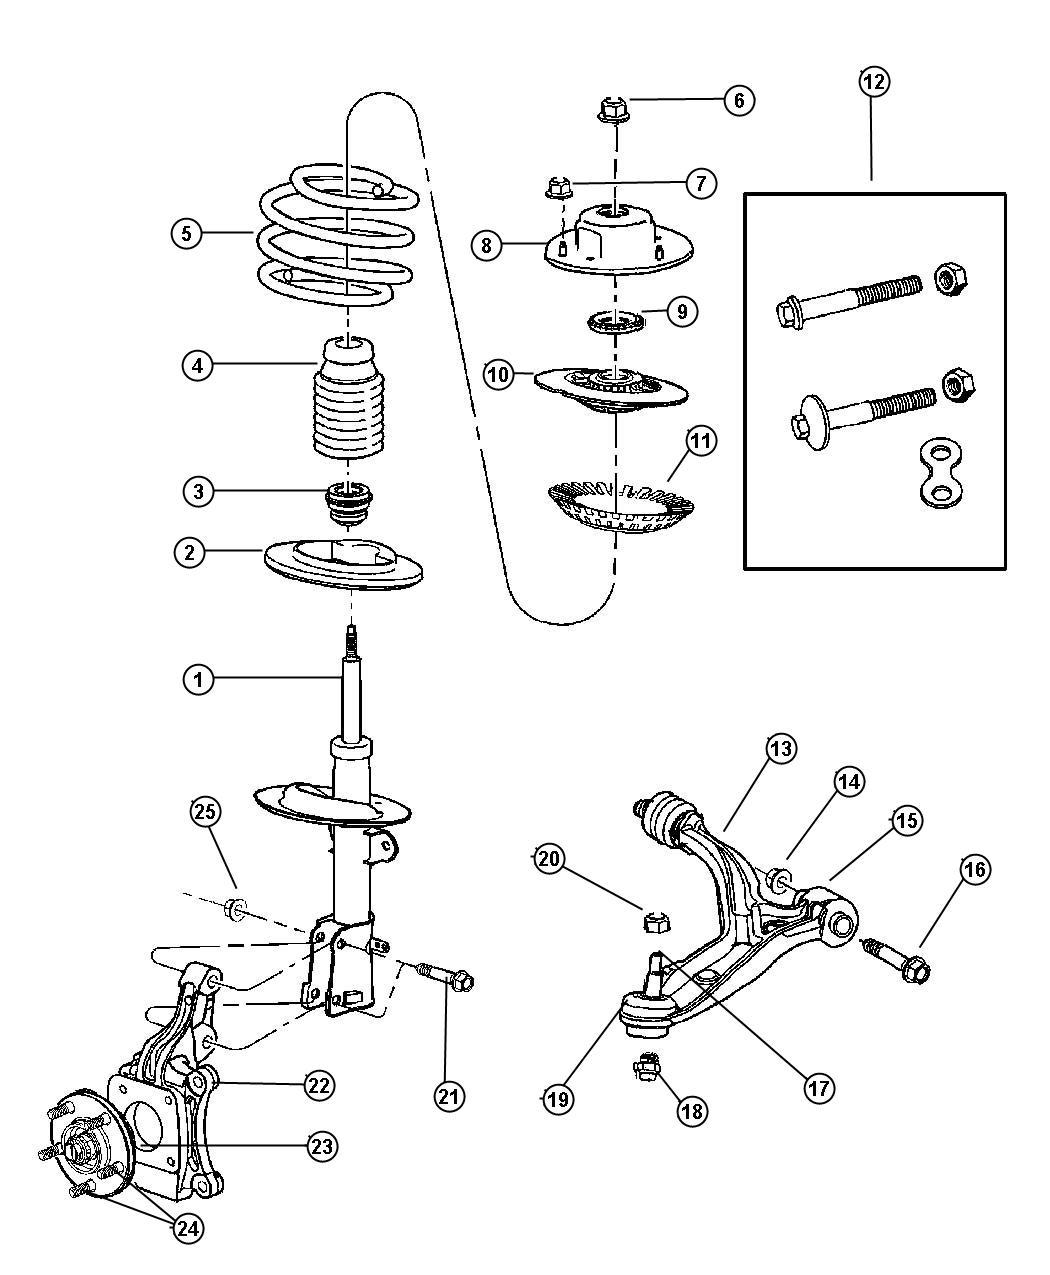 [DIAGRAM] Wiring Diagram For 2003 Chrysler Voyager FULL